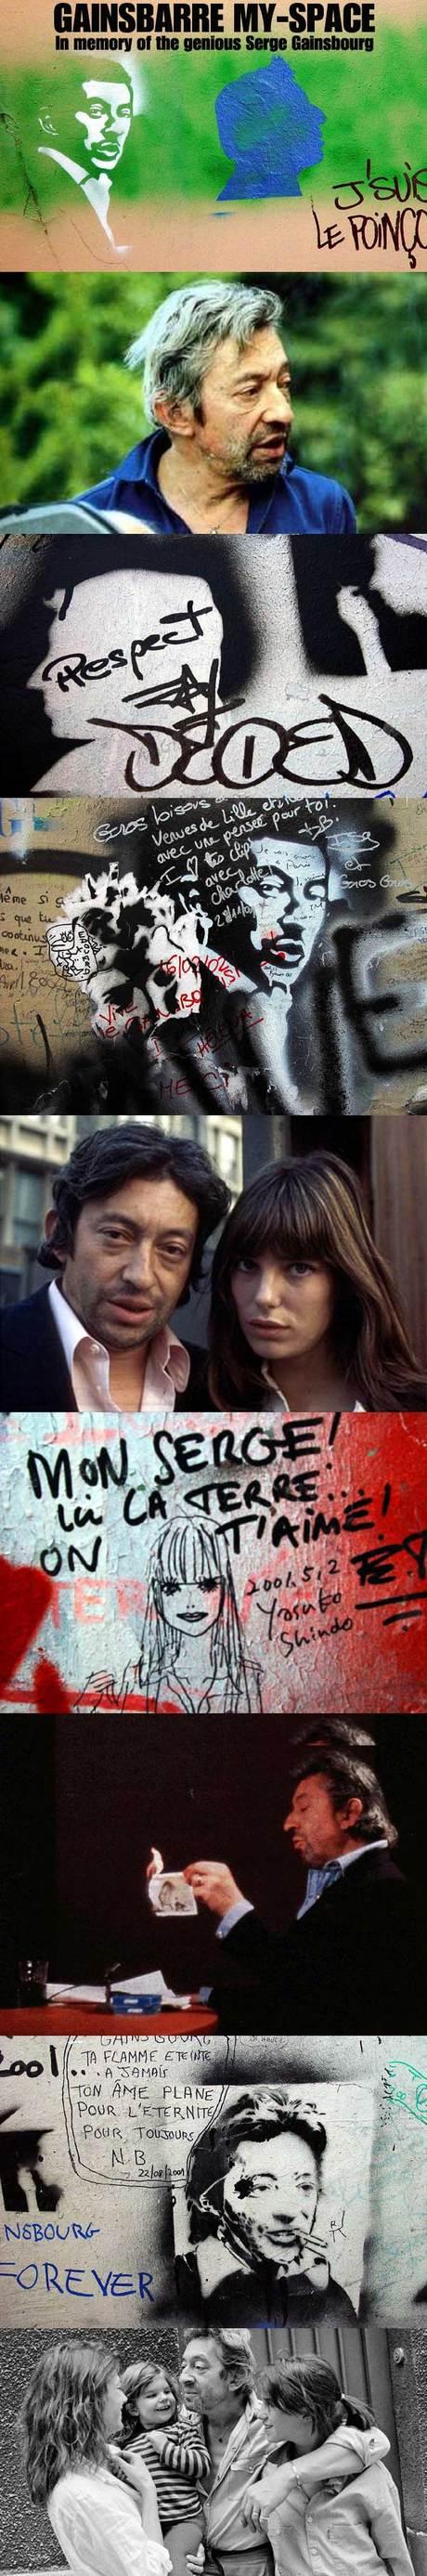 Gainsbarre_myspace_def